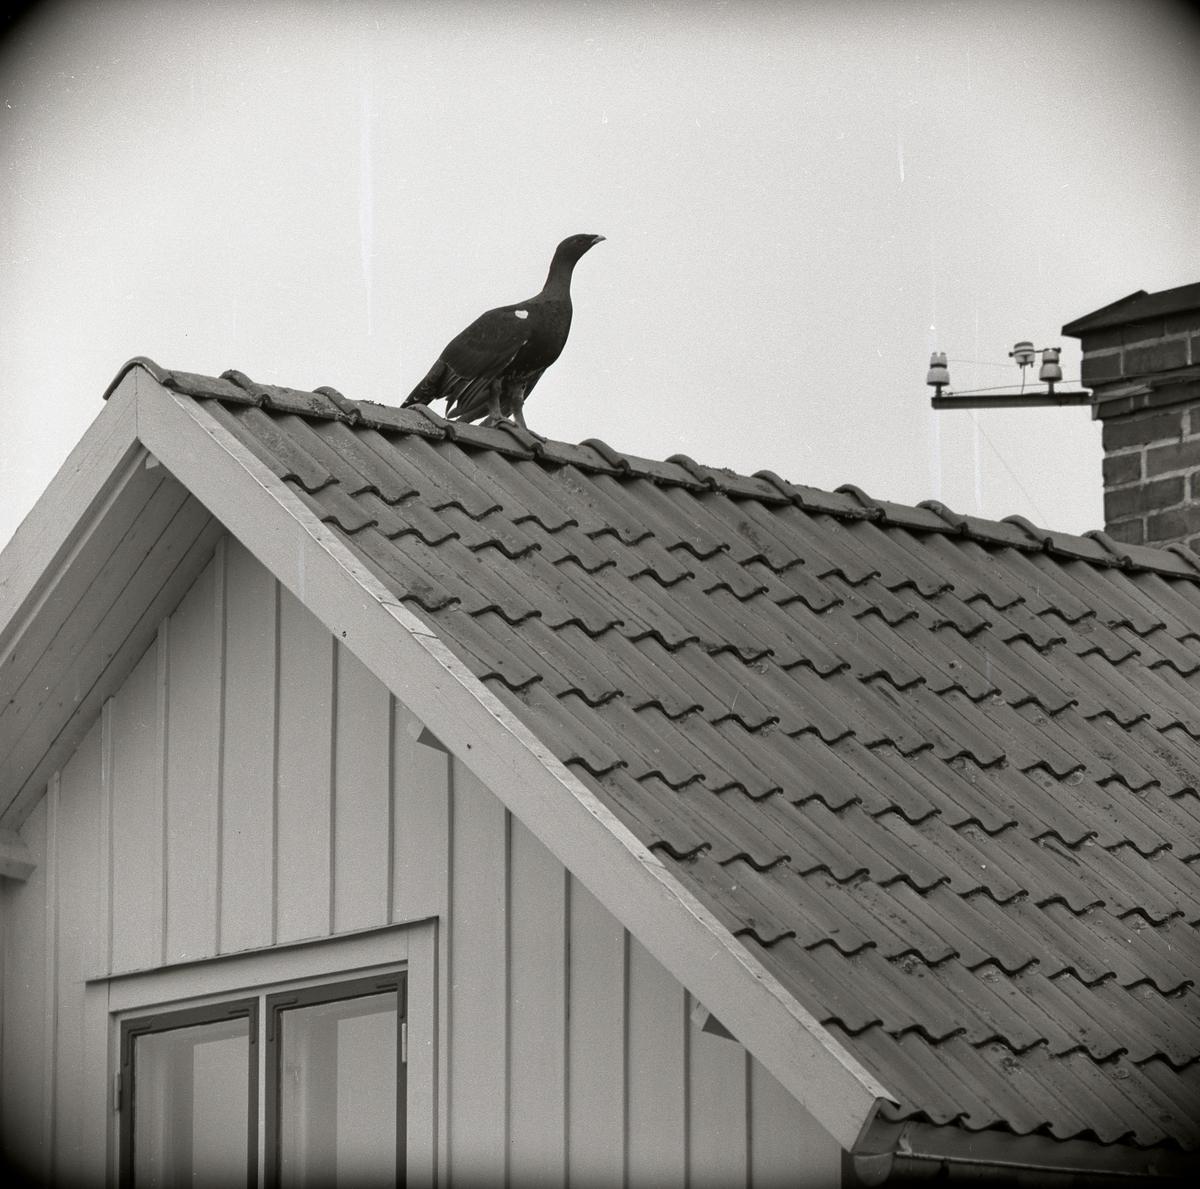 En tjäder sitter högst upp på ett hustak 9 oktober 1957.